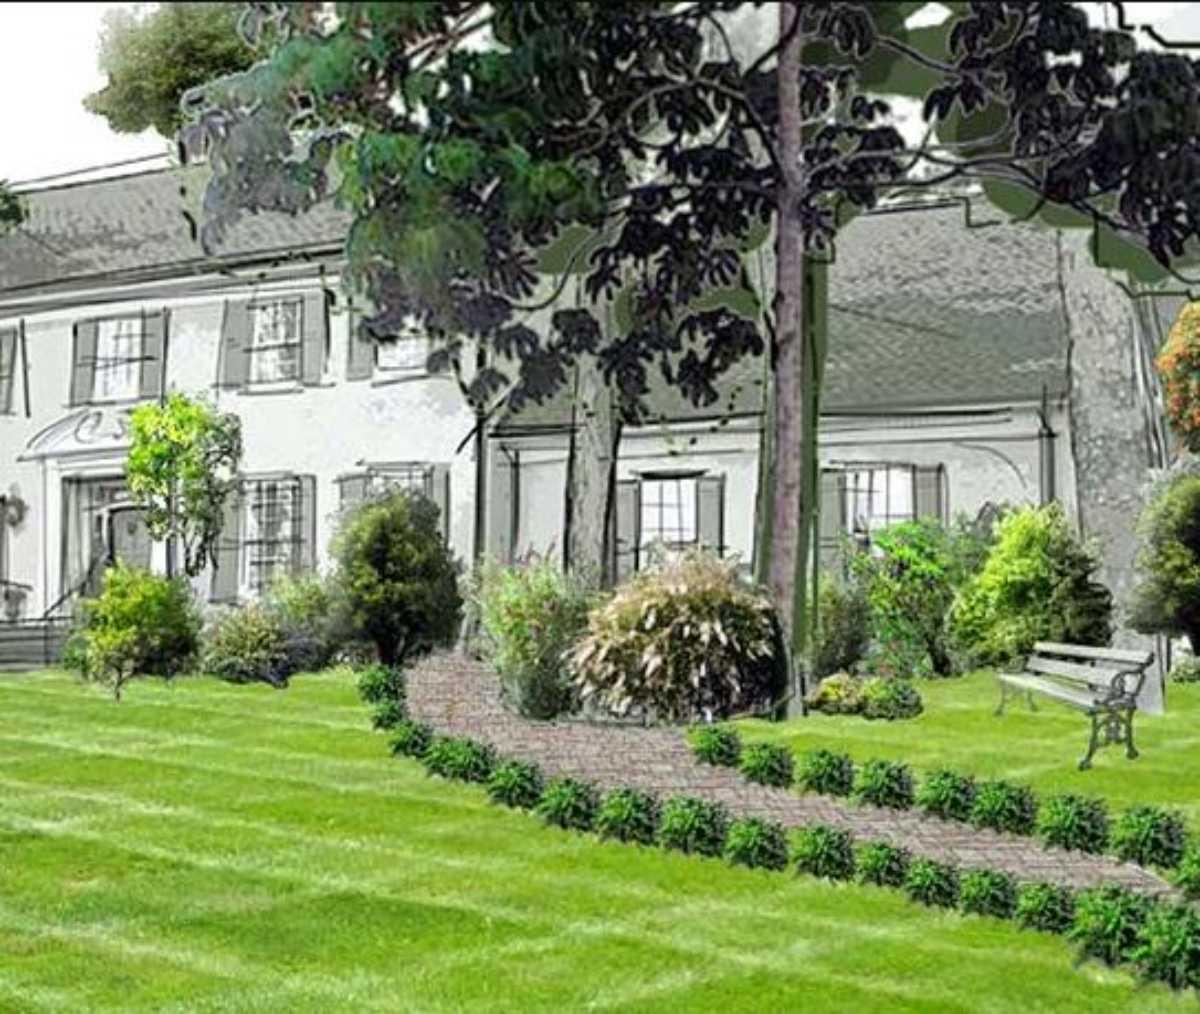 Top 7 Free Garden Planning Software To Design Your Garden Layout